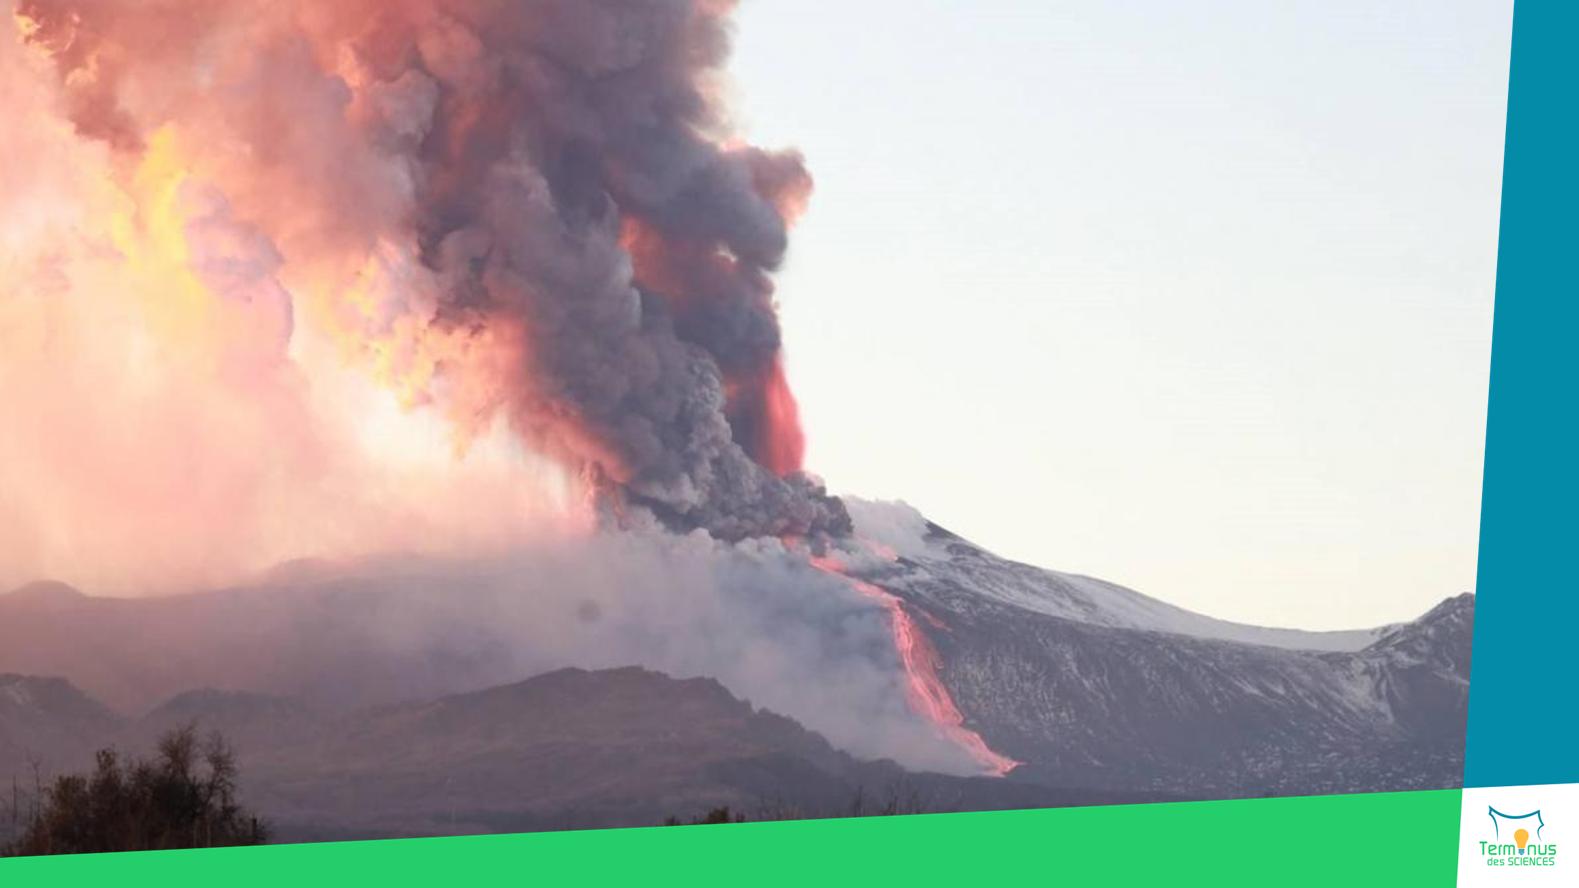 Read more about the article [Réveil de l'Etna, plus haut volcan actif d'Europe, le 16/02/2021]